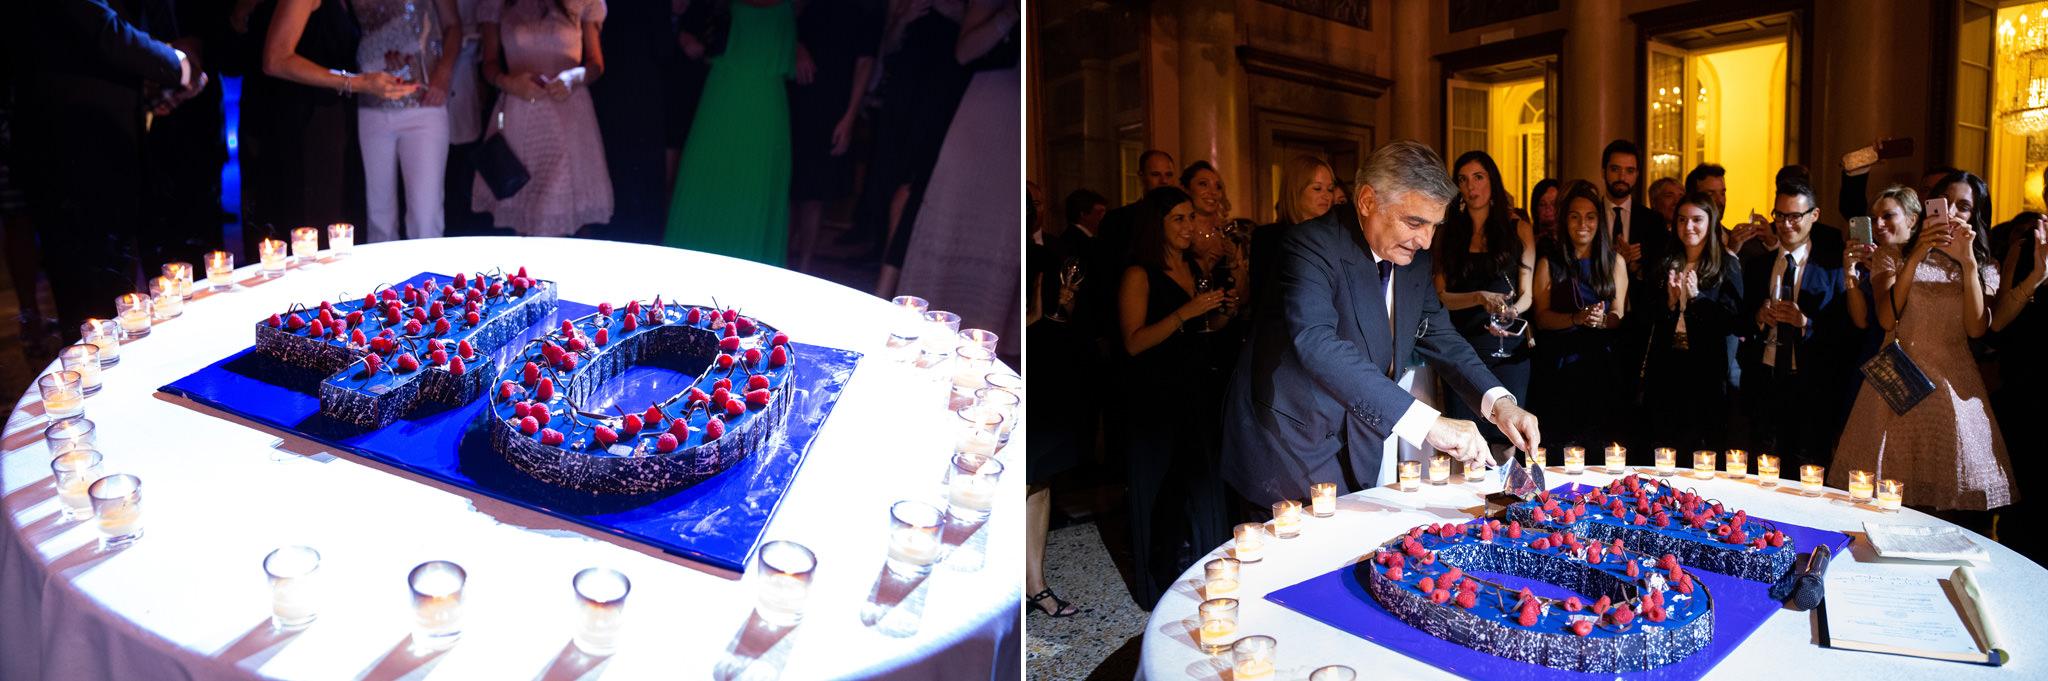 L'avvocato Enrico Raffaelli taglia la torta del quarantesimo anniversario dello studio legale